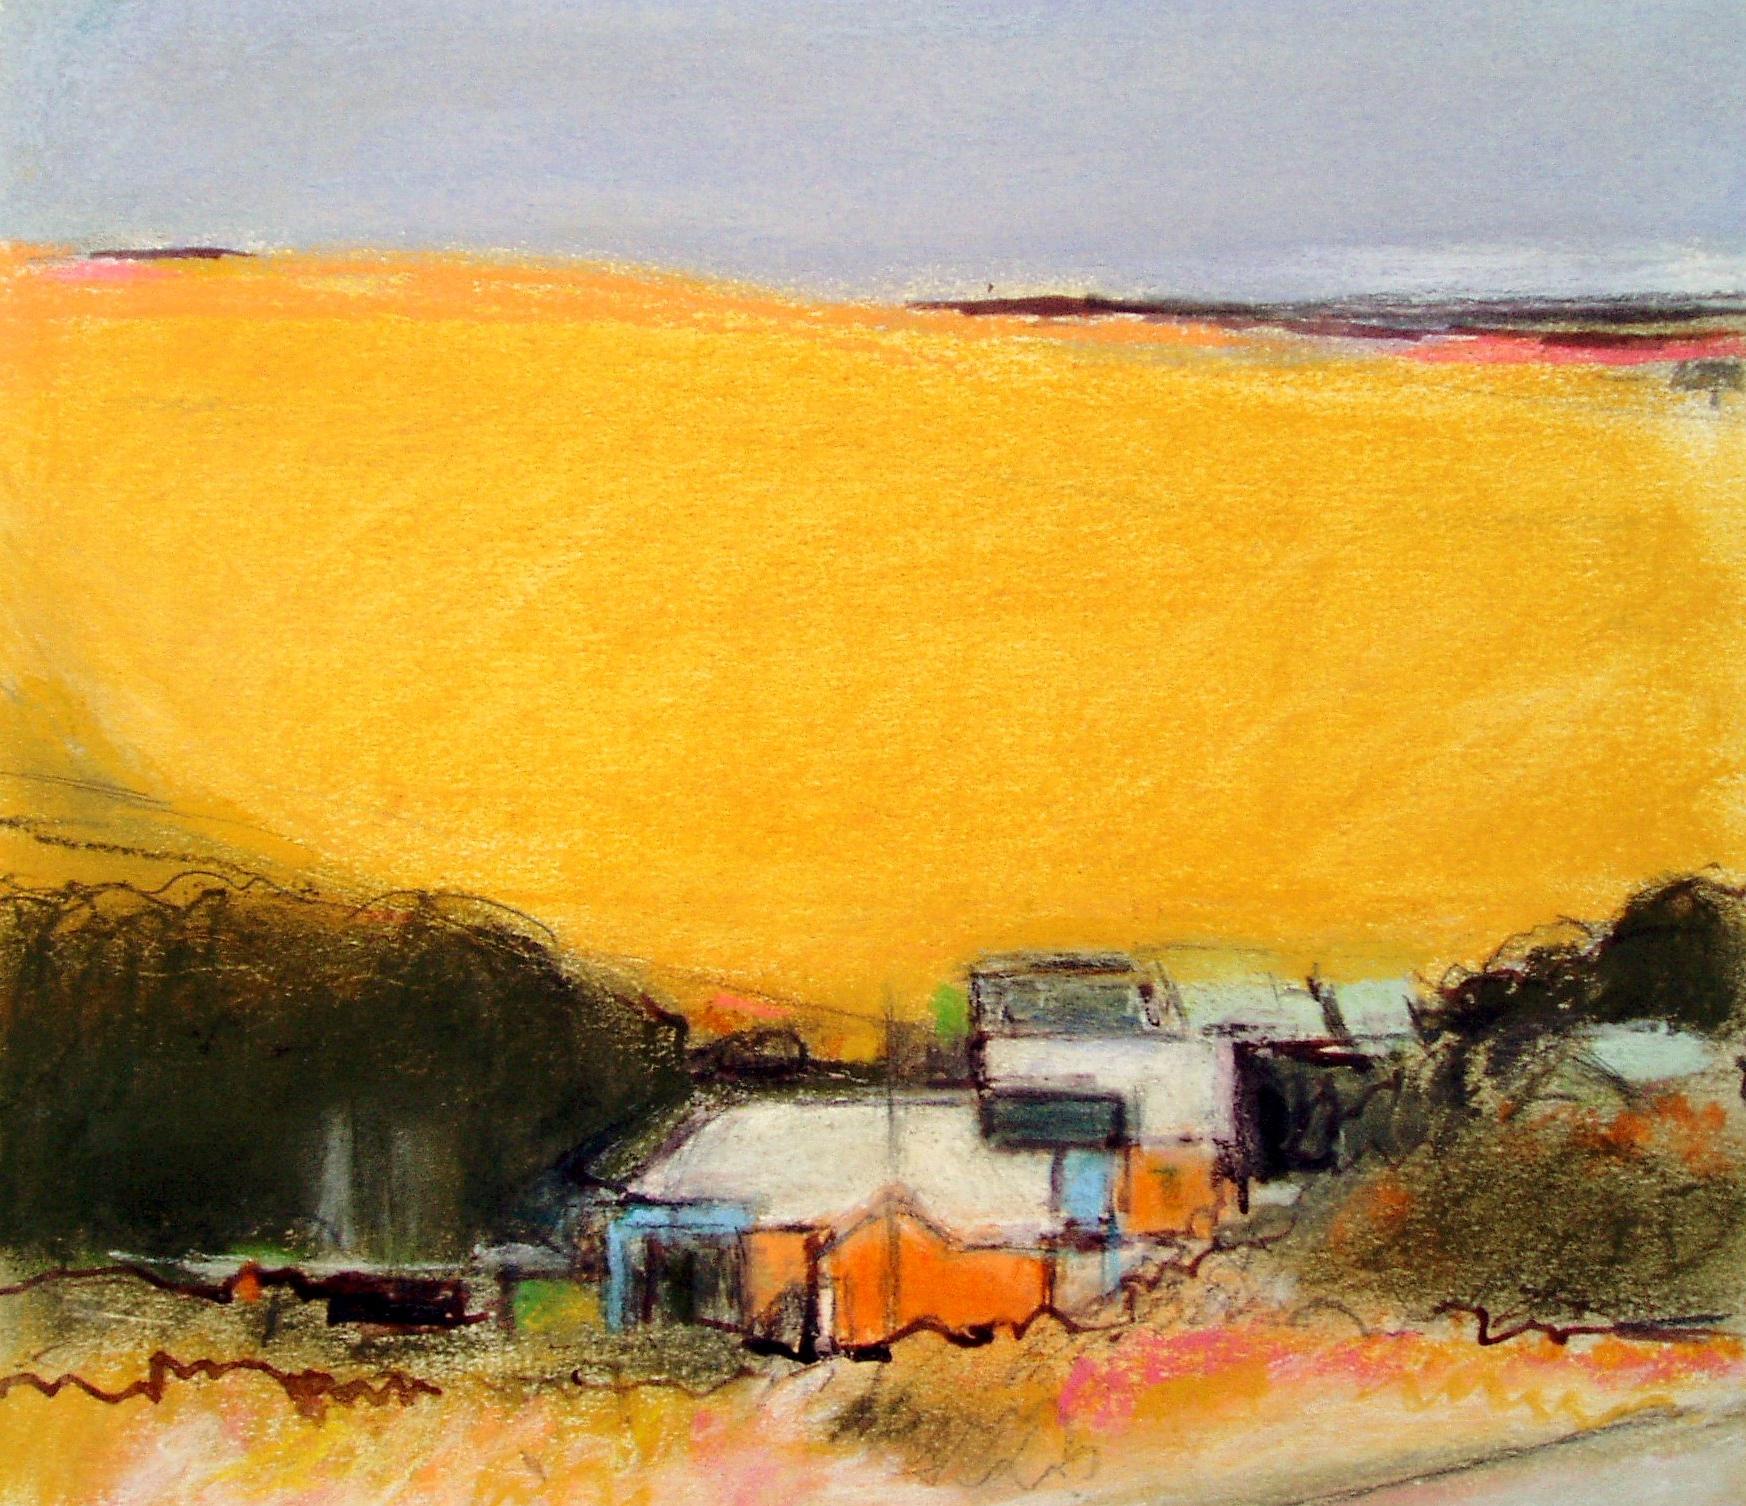 Autumn S E Australia, private collection